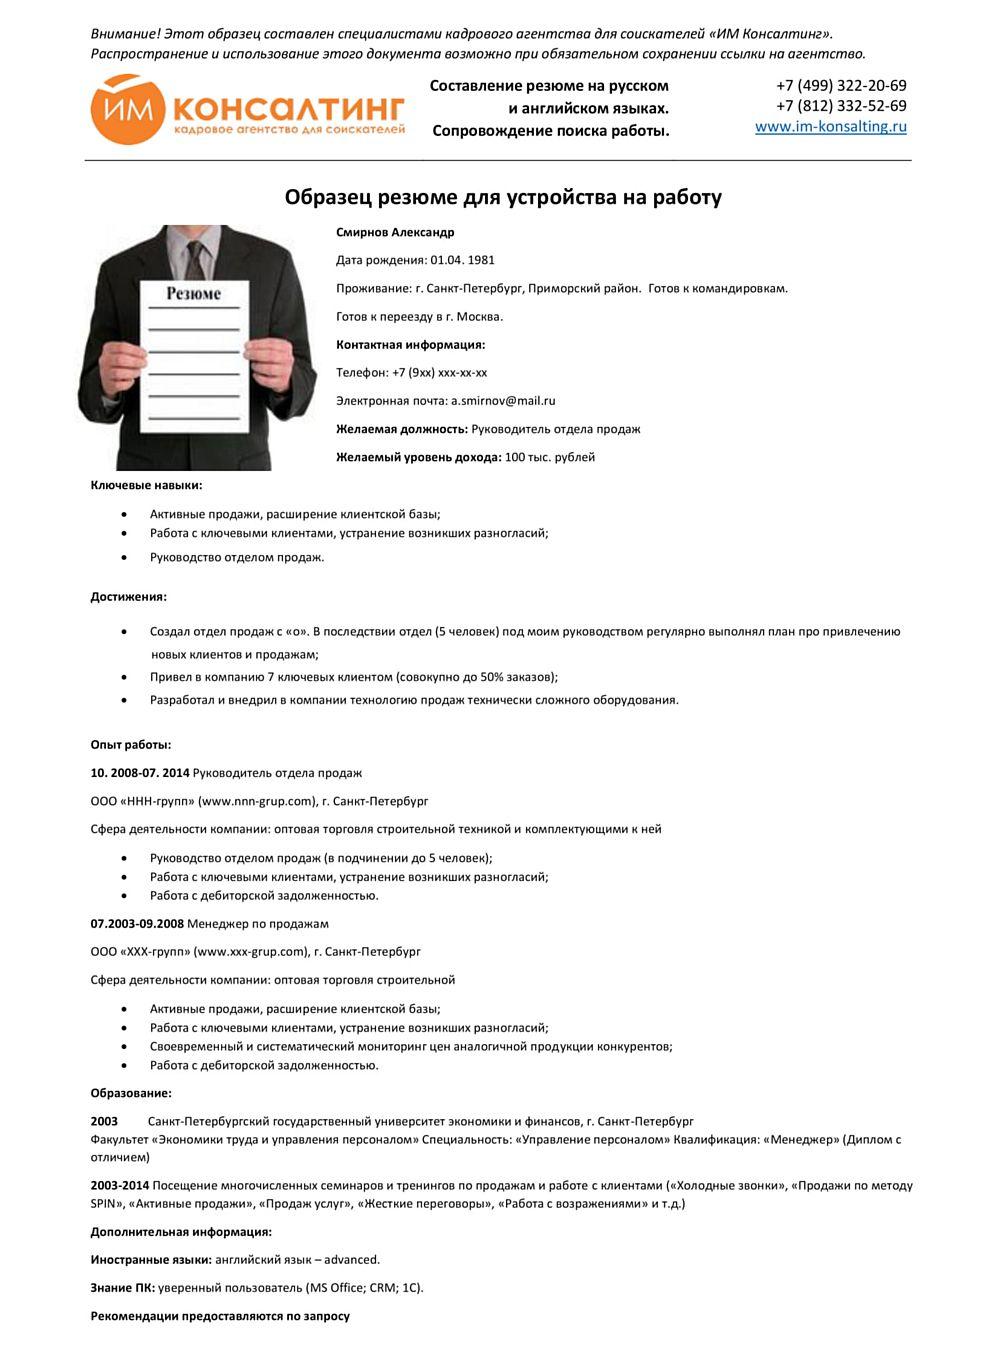 Пример профессионального резюме для устройства на работу